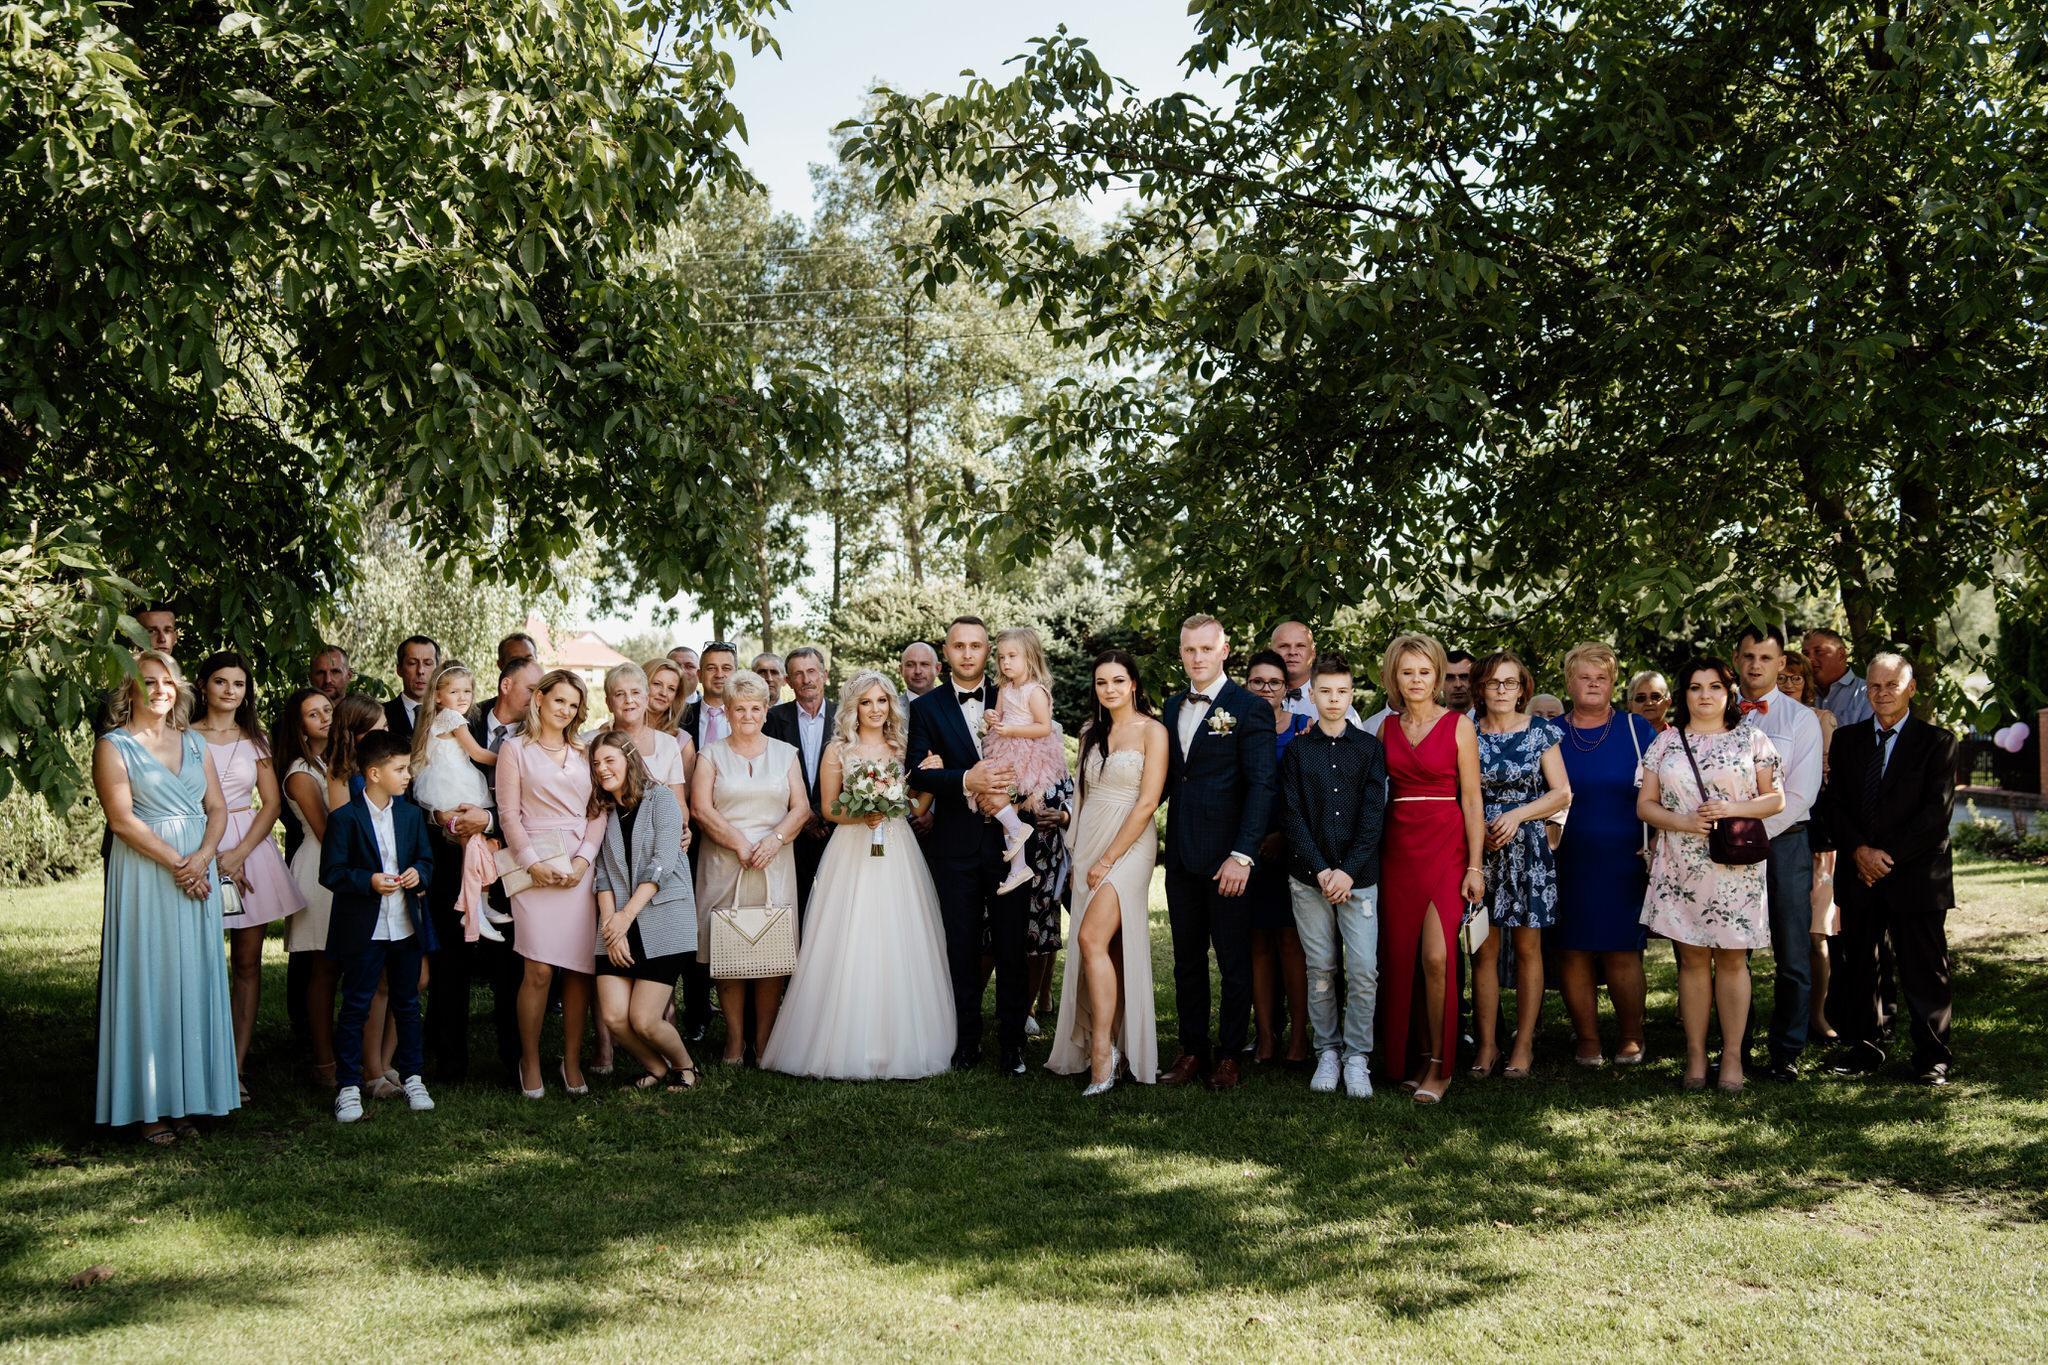 wesele paradis iga damian 84 - Wesele w stylu glamour | Lubartów | I+D | 04.09.2020